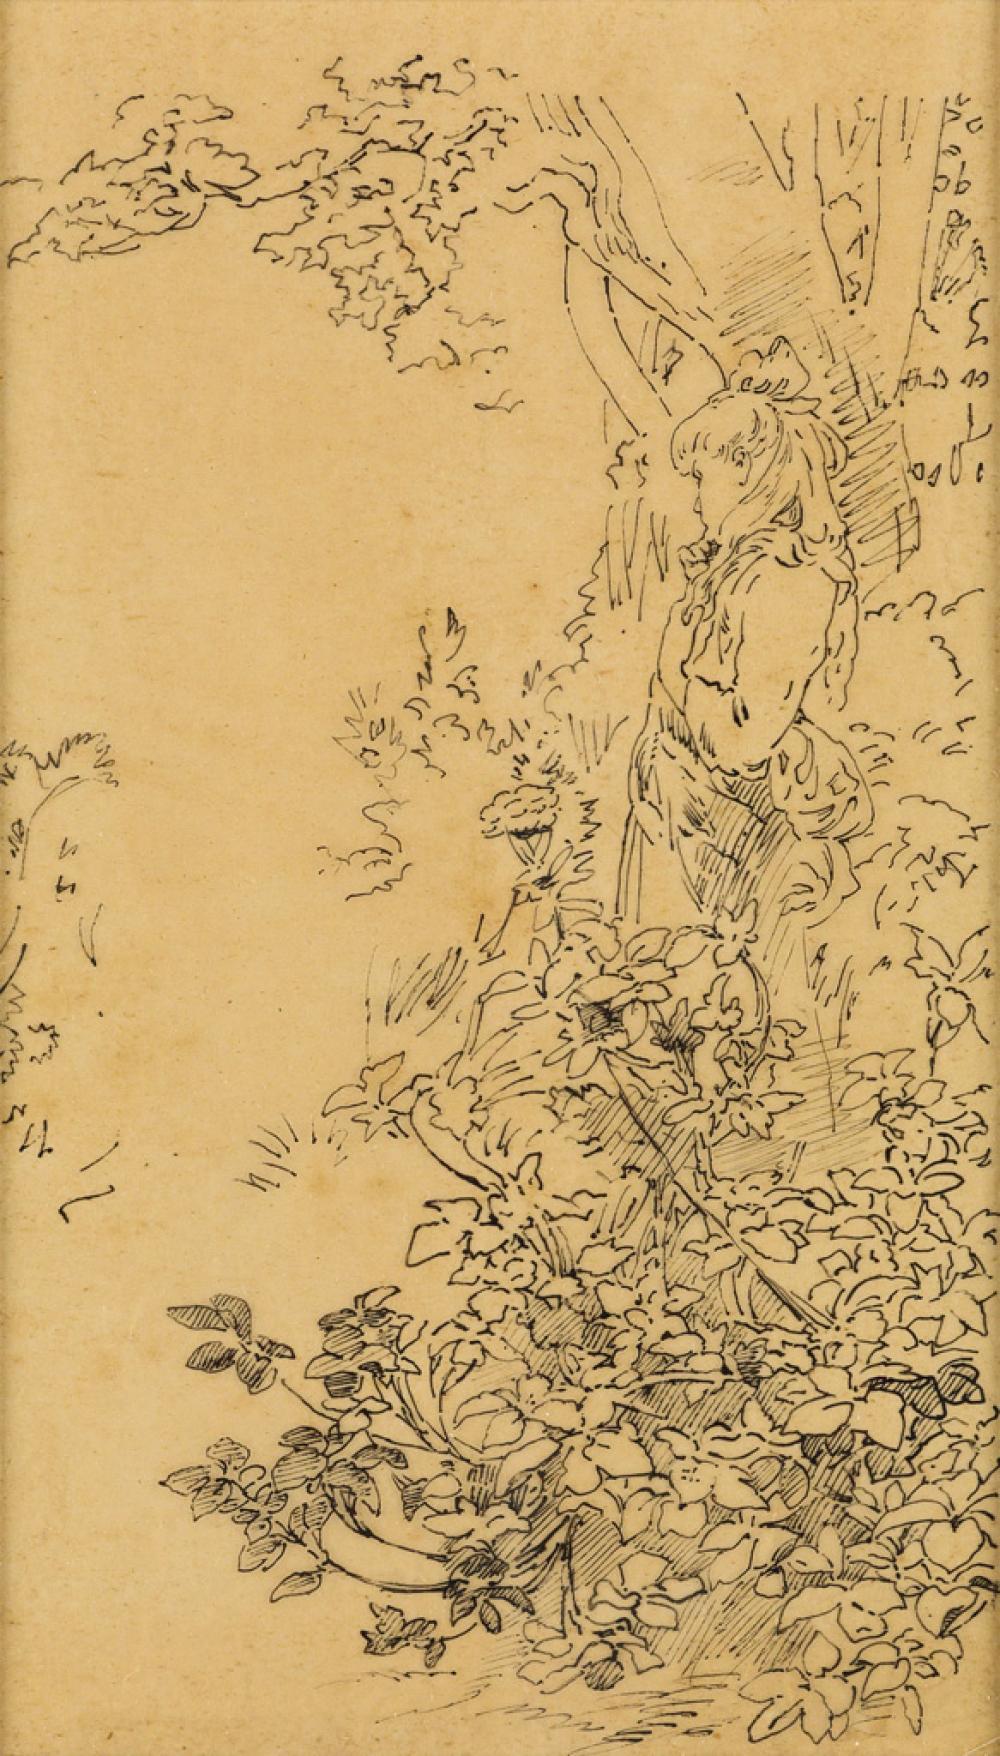 DESIGNER UNKNOWN. [FEMME PARMI LES FLEURS.] Pen and ink sketch. 8x5 inches, 21x12 cm.